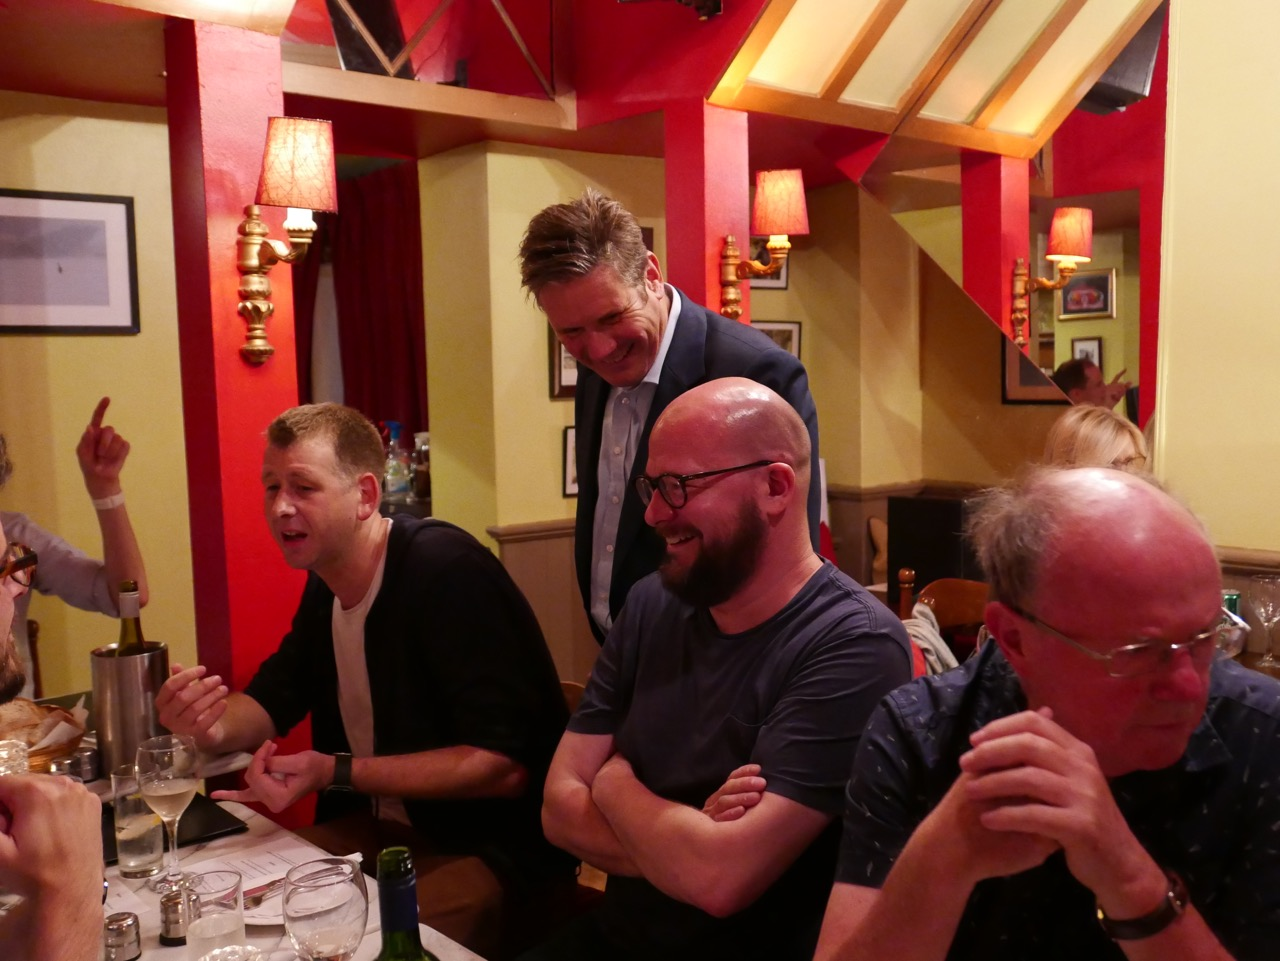 Gospel_Oak_Labour_Party_fundraising_dinner_at_Ravels_(9).jpg